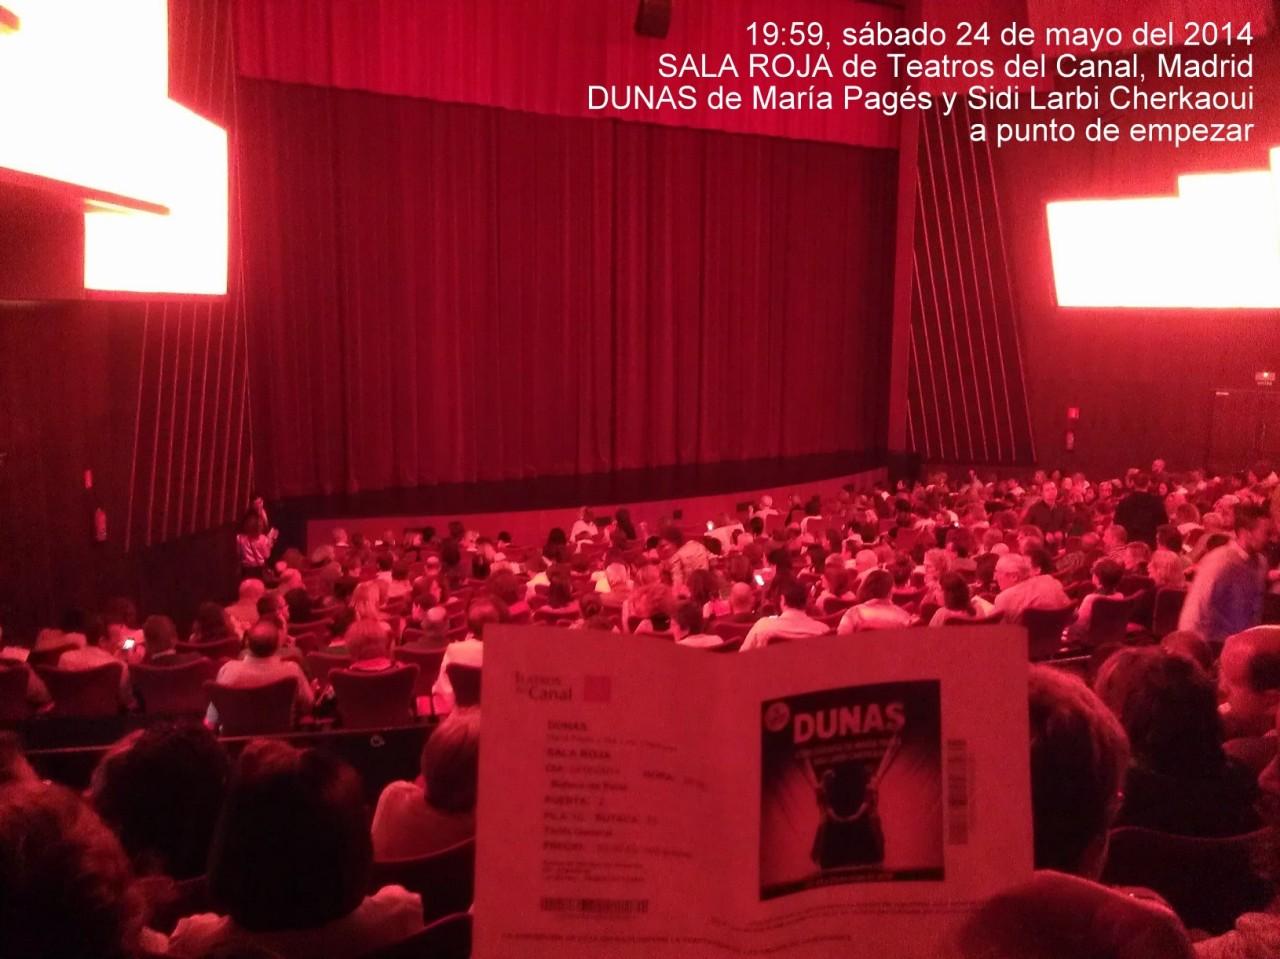 DUNAS a punto de empezar el 24 de mayo del 2014 en Teatros del Canal